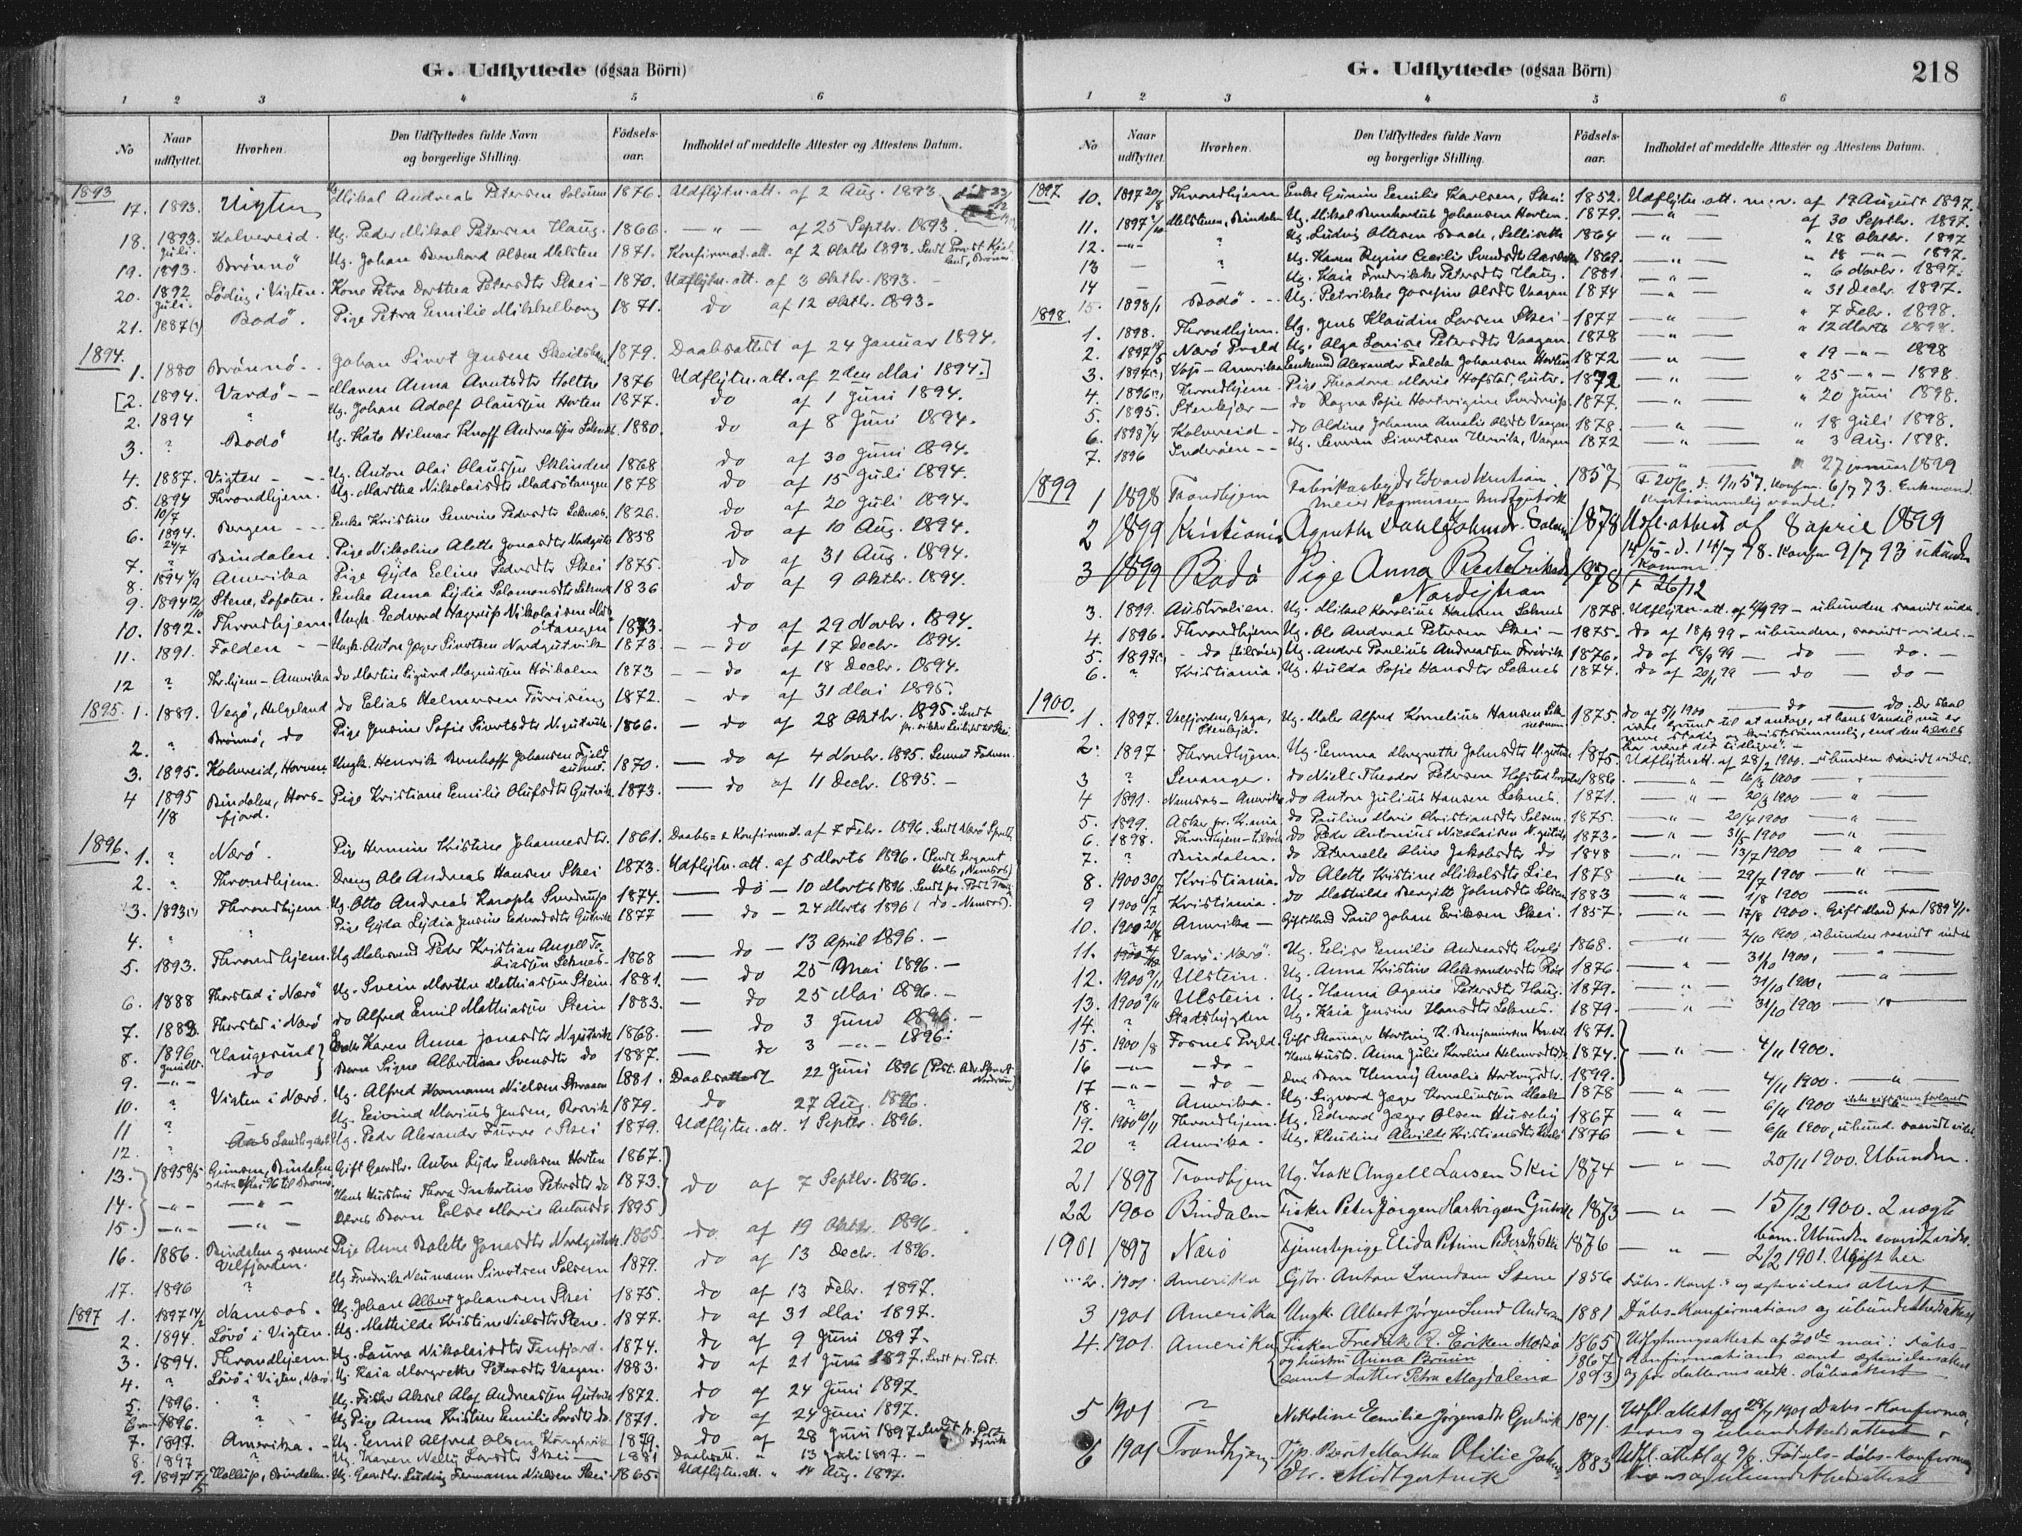 SAT, Ministerialprotokoller, klokkerbøker og fødselsregistre - Nord-Trøndelag, 788/L0697: Ministerialbok nr. 788A04, 1878-1902, s. 218